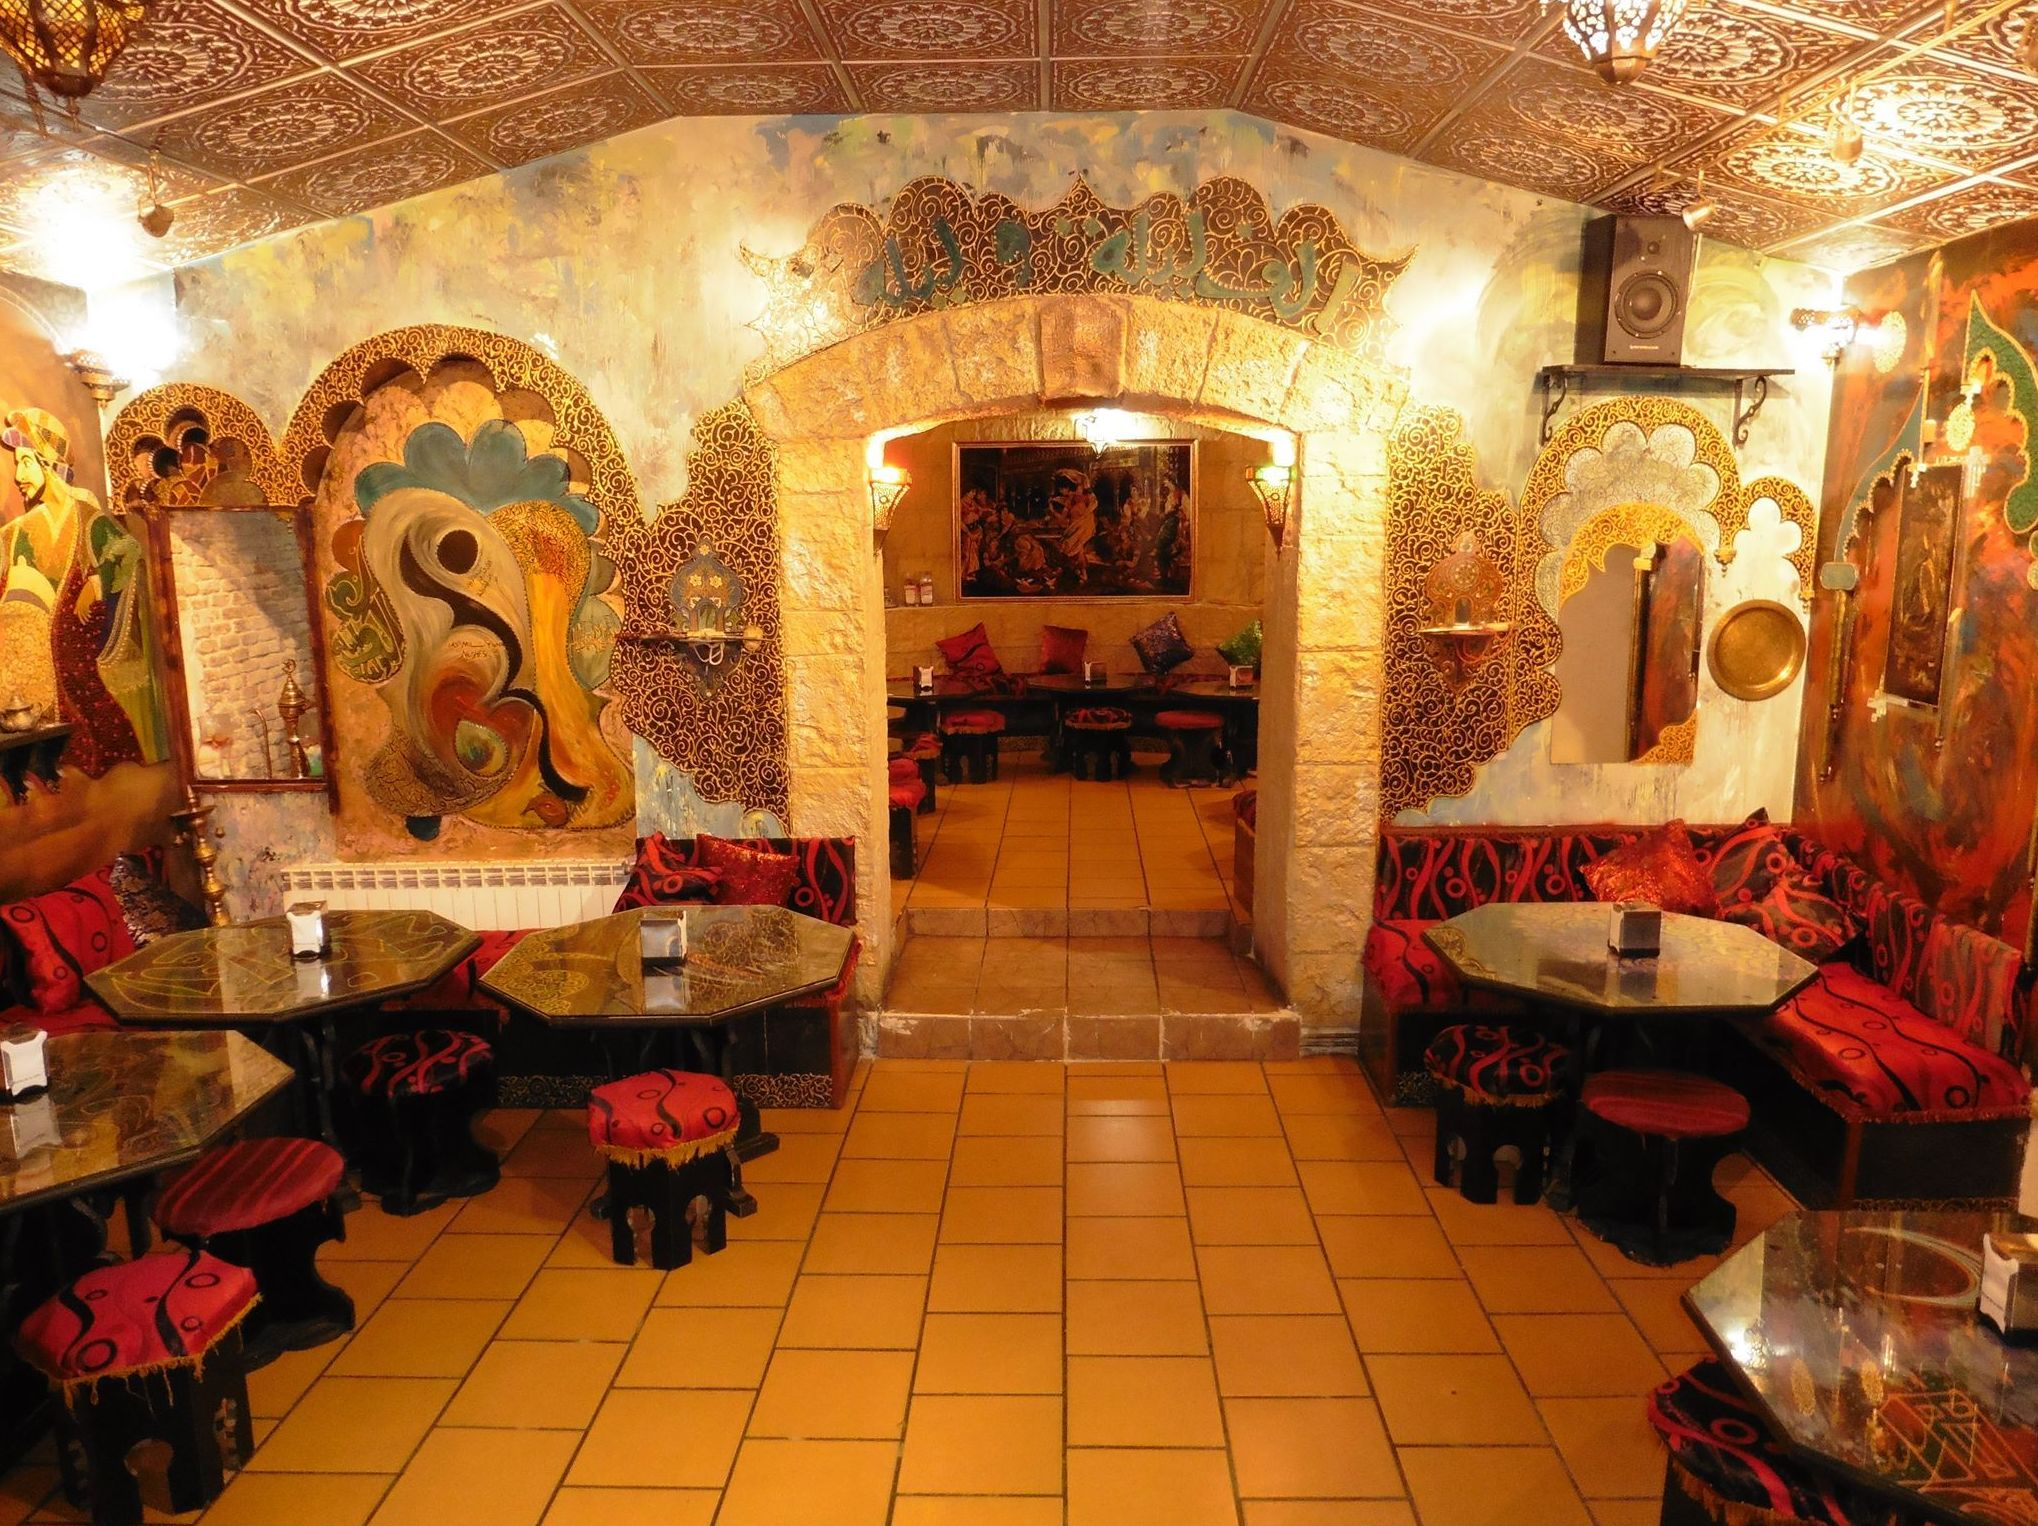 Decoracion oriental madrid - Decoracion en espana ...